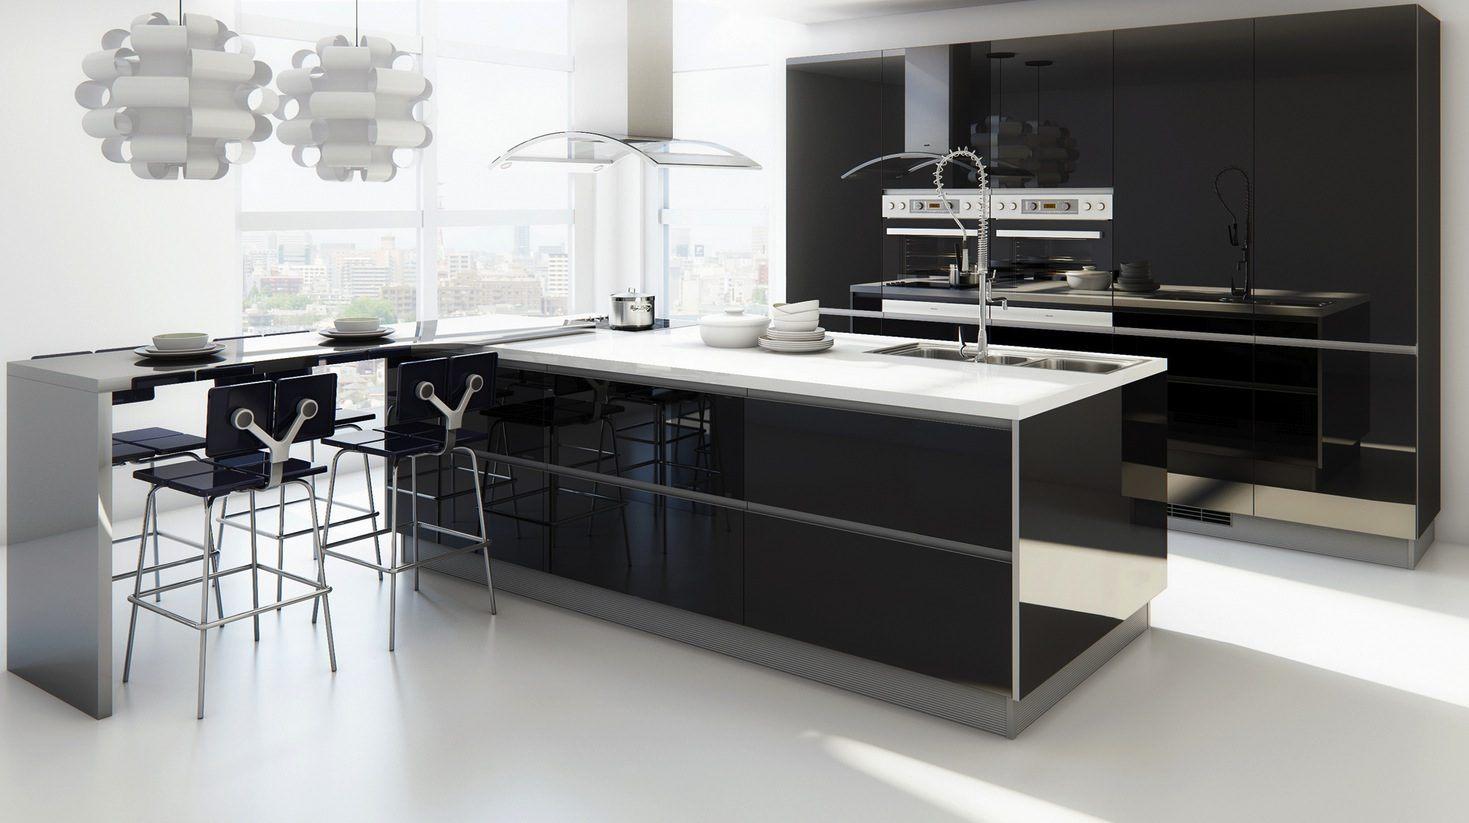 Móveis De Cozinha Modernos Sem Puxadores